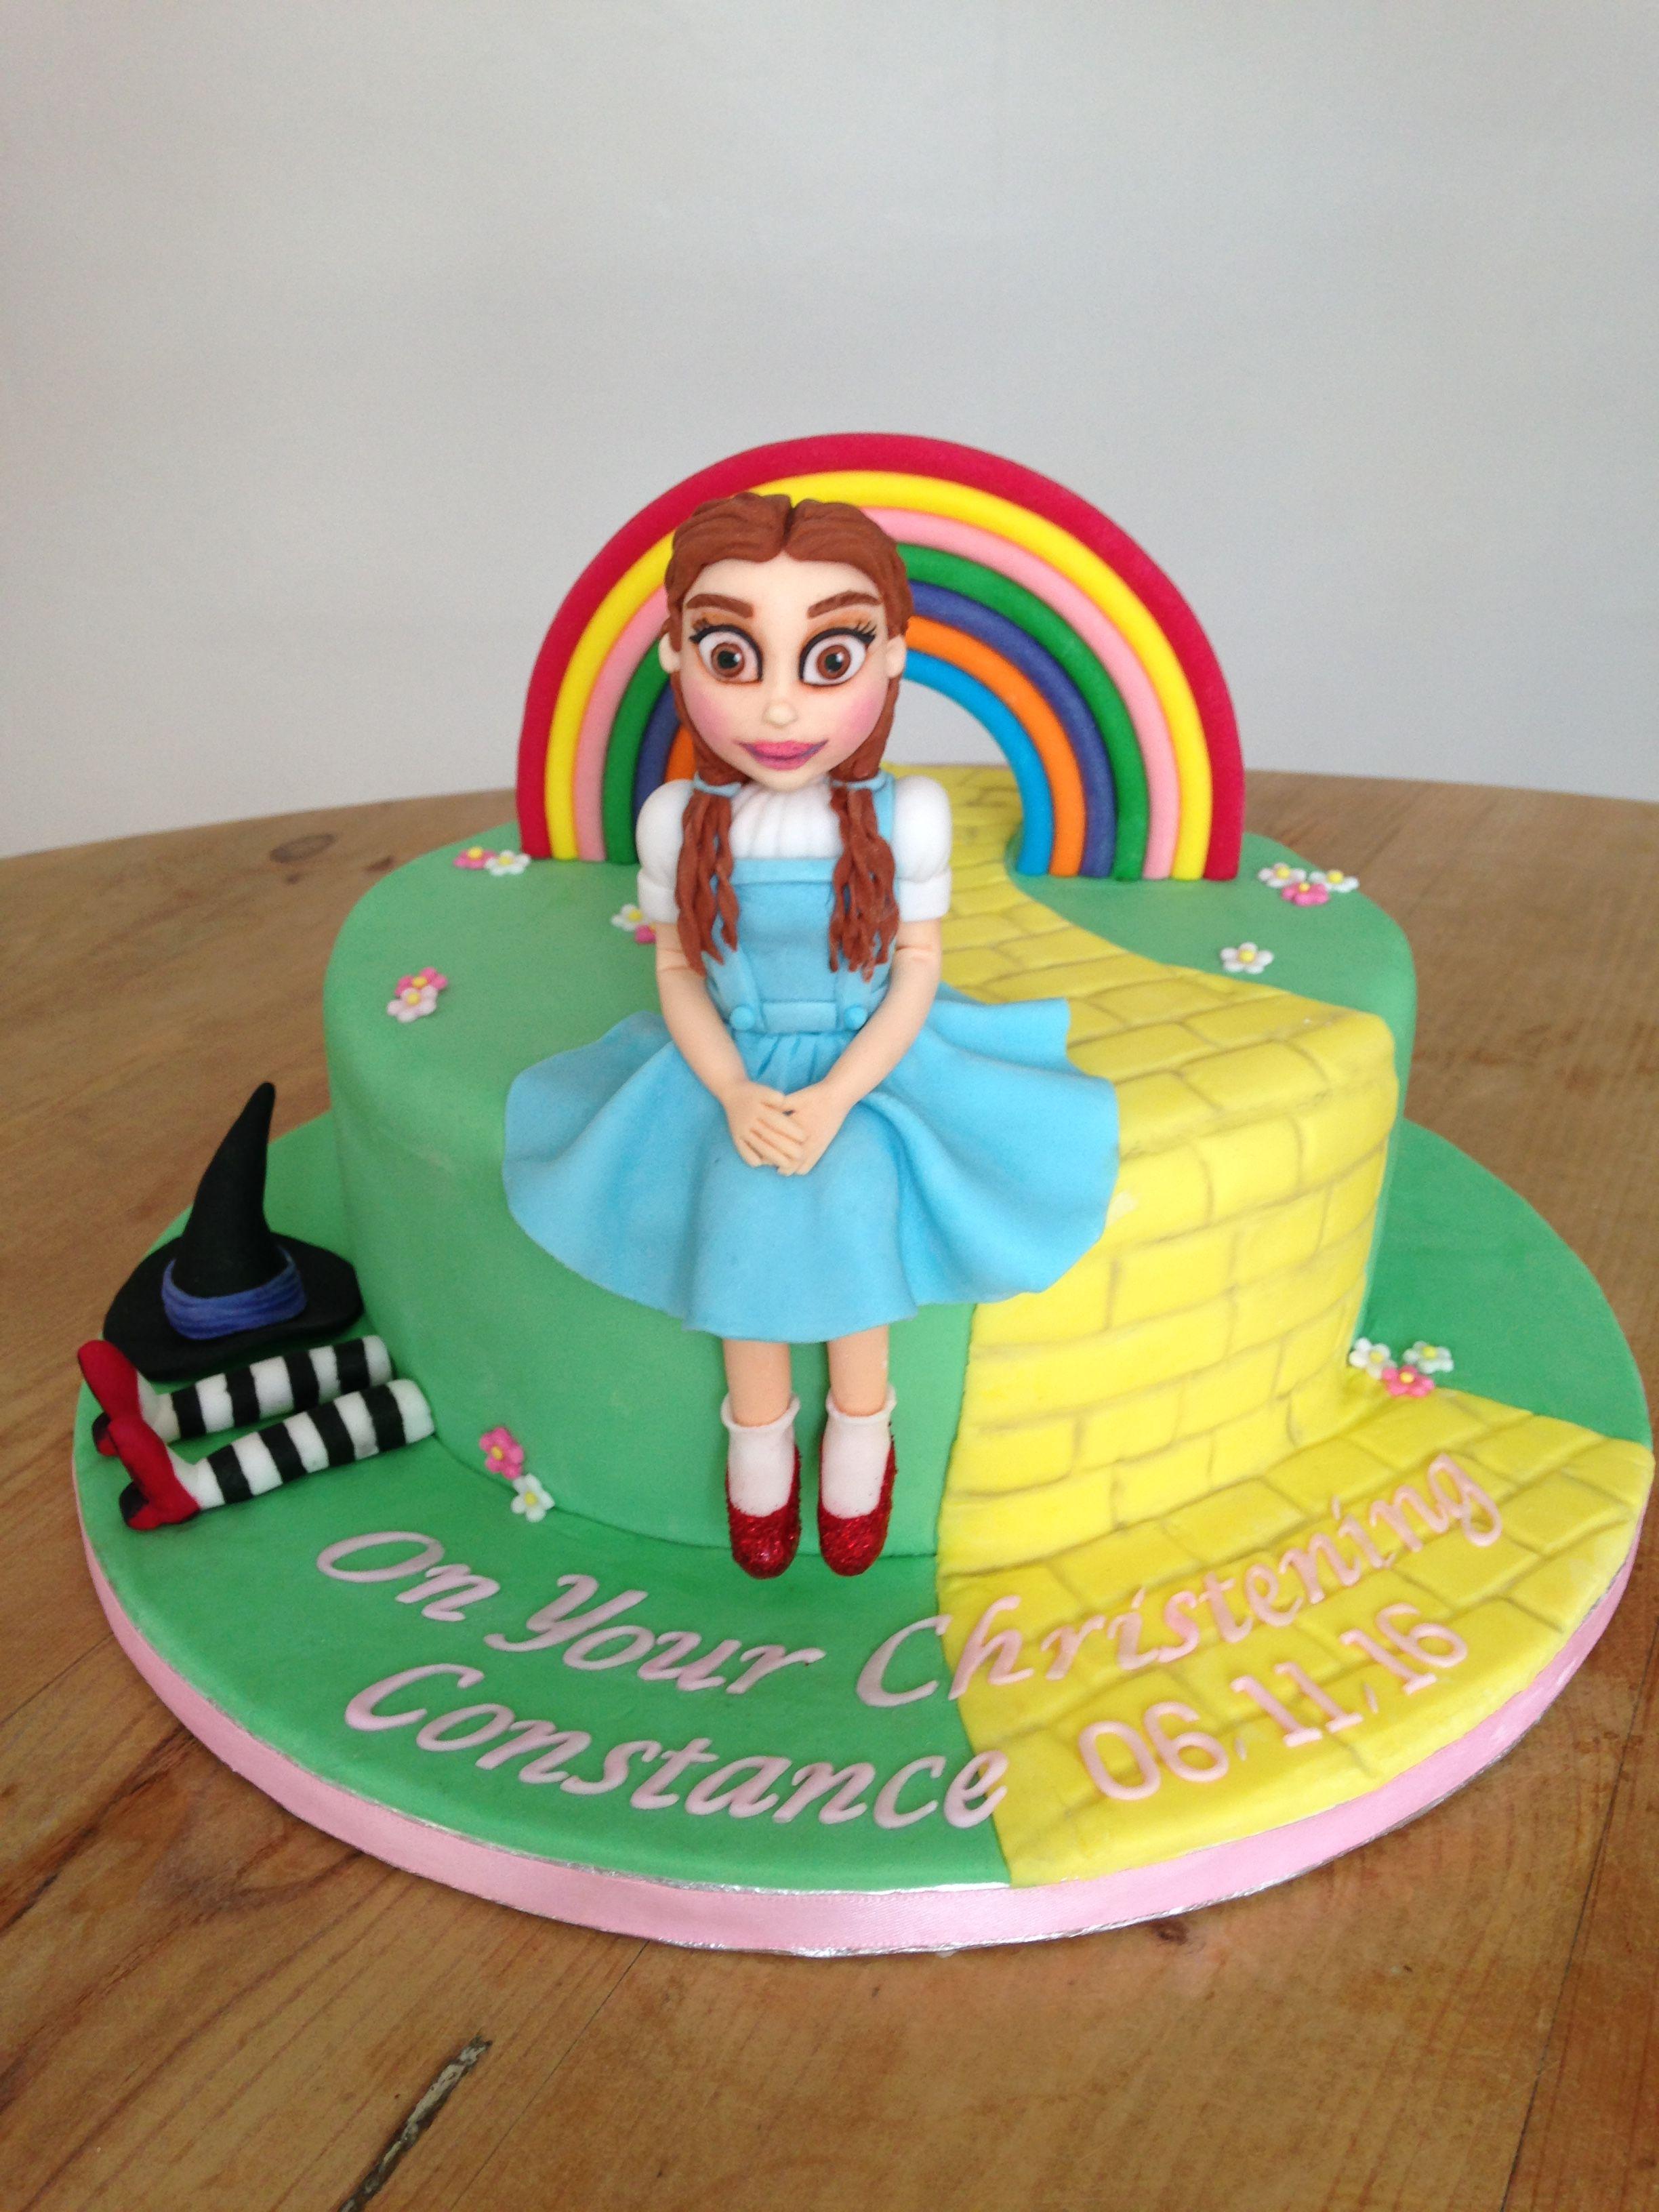 2d991730f83be878e35e4fabfc06fd03 Verwunderlich so where Over the Rainbow Dekorationen